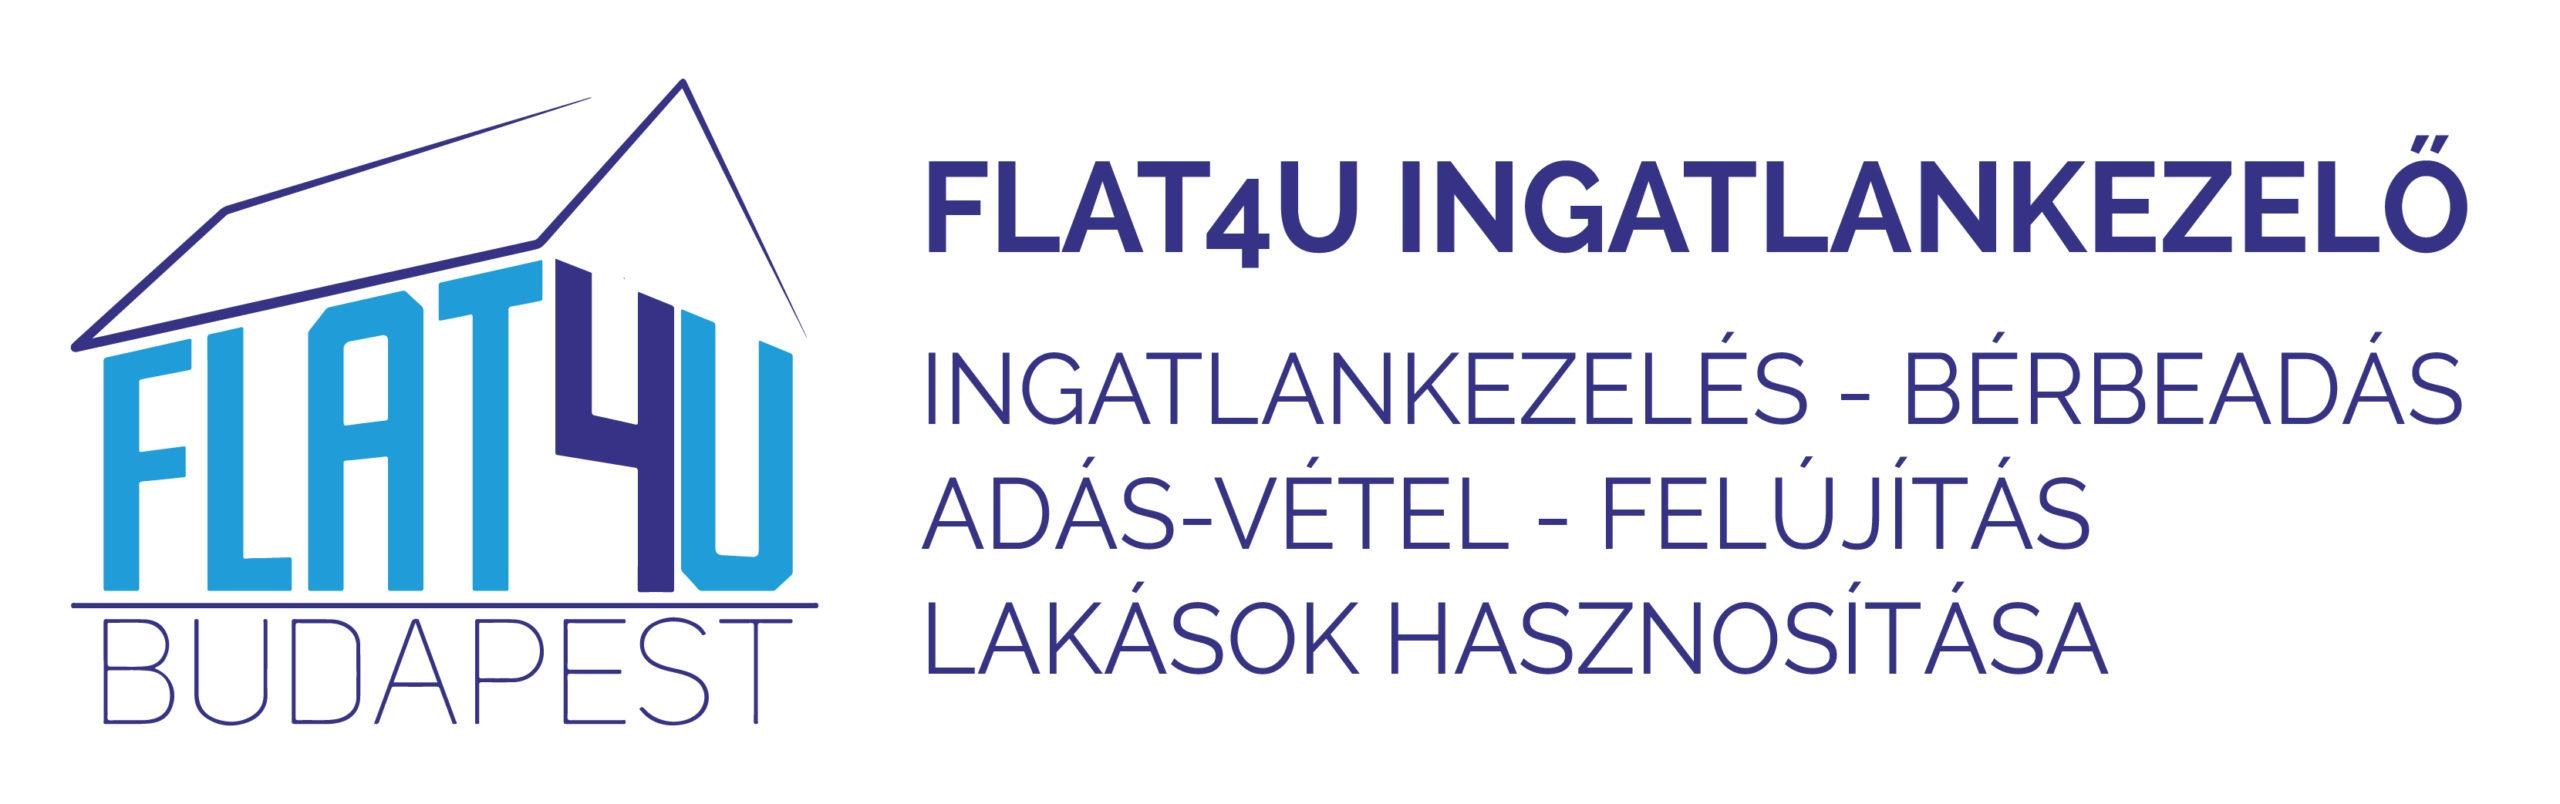 Flat4U Ingatlankezelő-Ingatlankezelés – Bérbeadás – Üzemeltetés